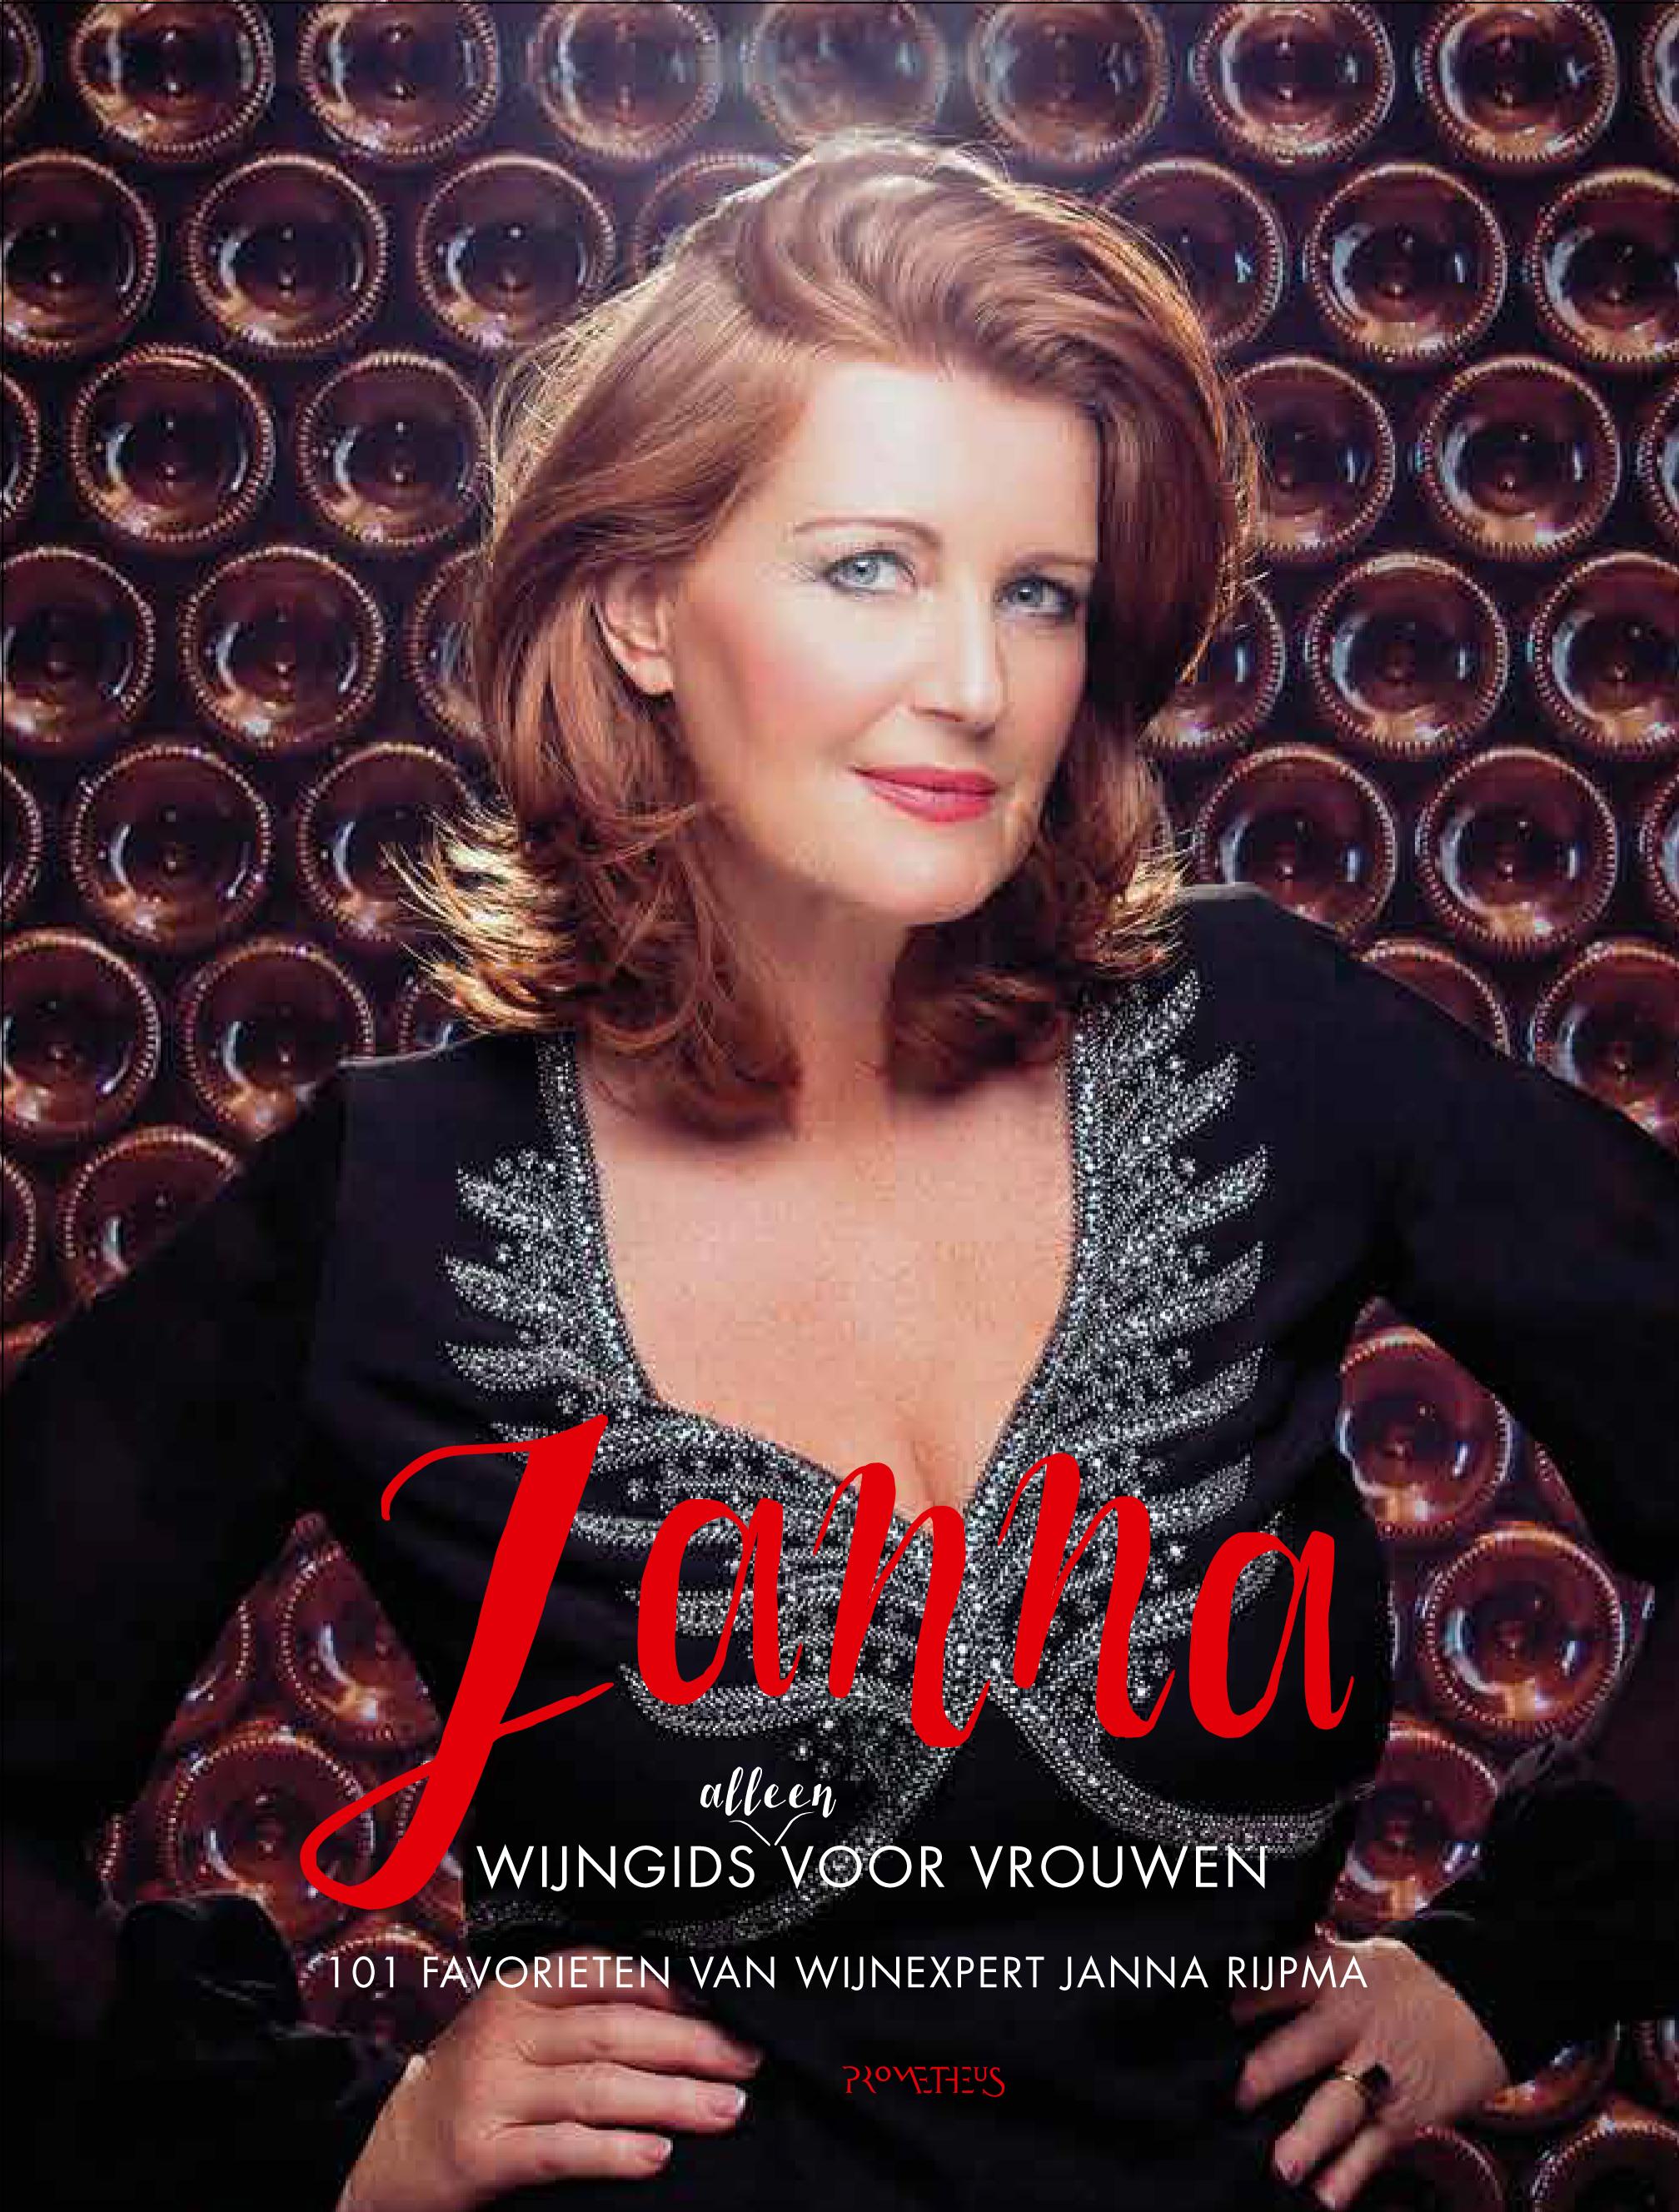 JANNA, de wijngids (alleen) voor vrouwen